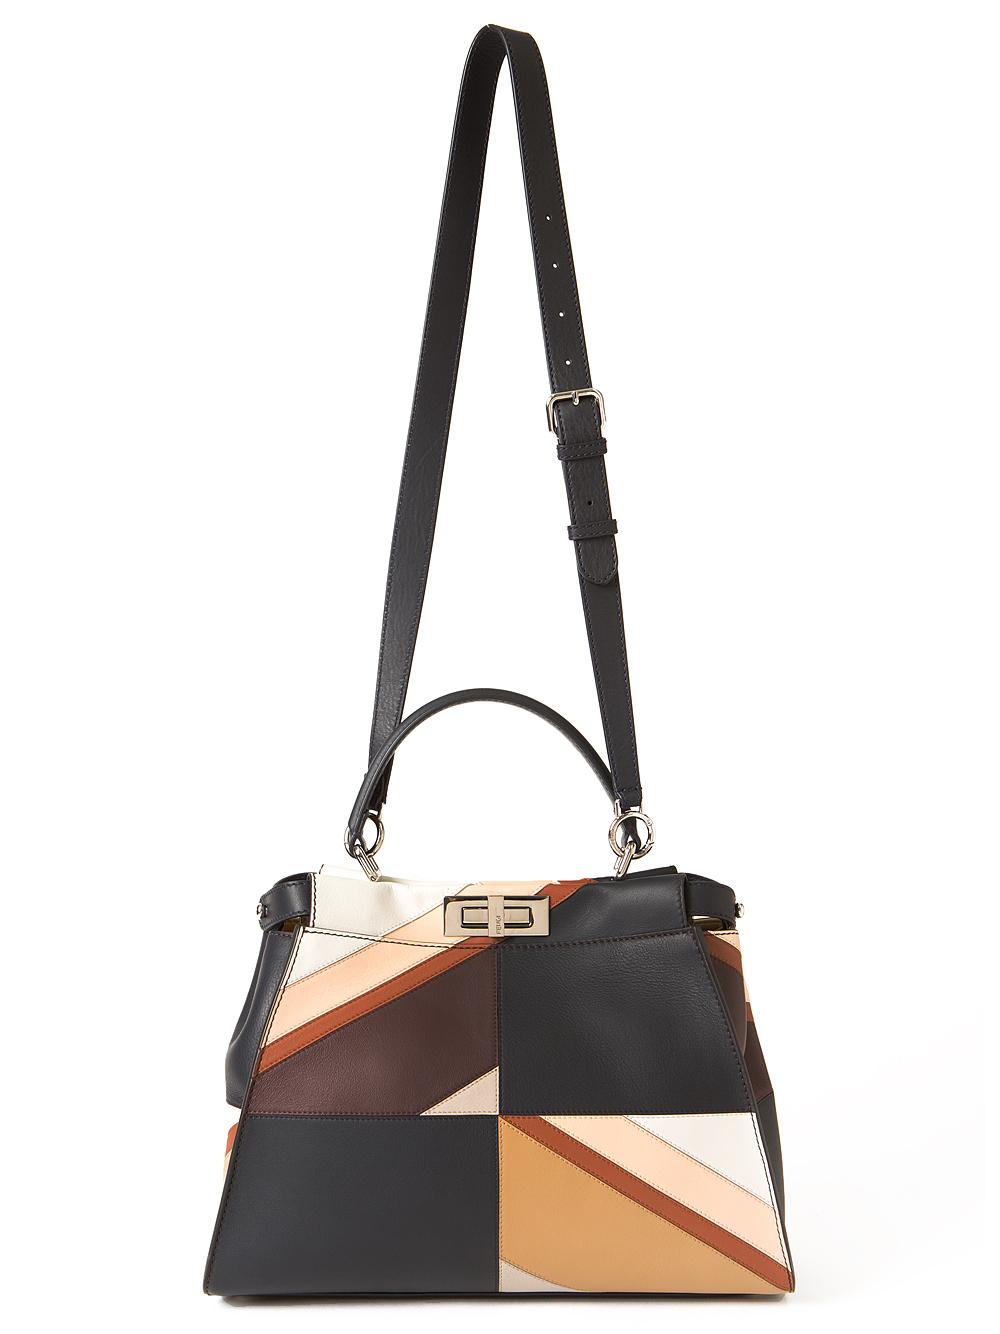 Lyst - Fendi Striped Peekaboo Bag 8026948ecef5a